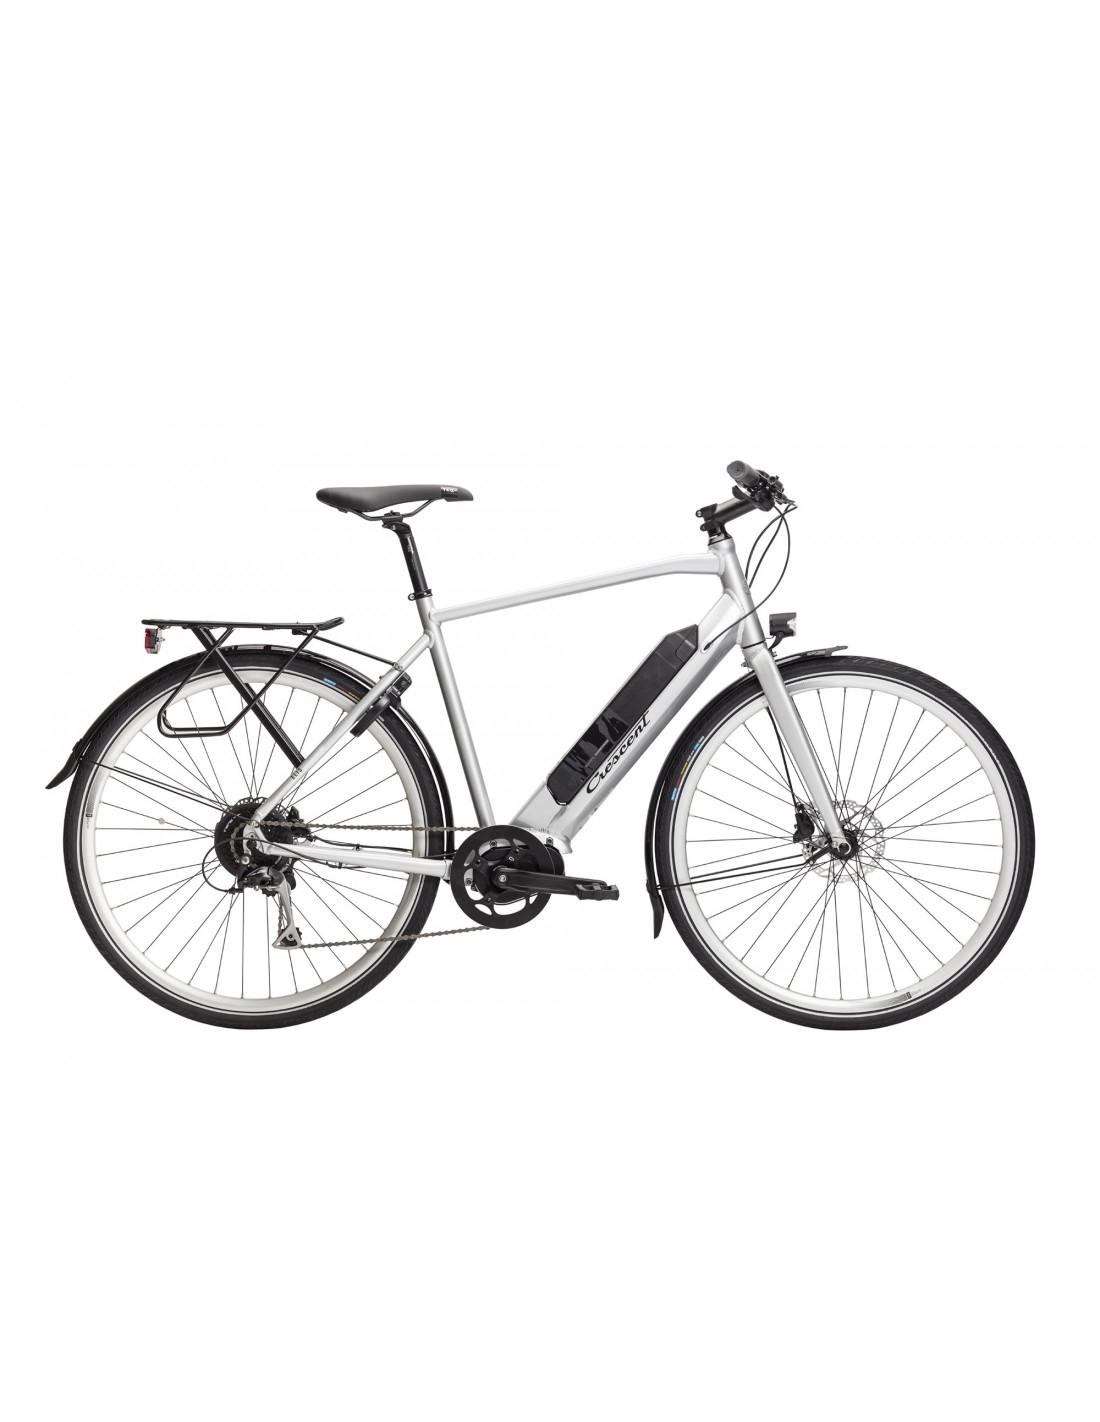 Crescent Elis 9vxl 55cm Silver Elcykel  Hybrid